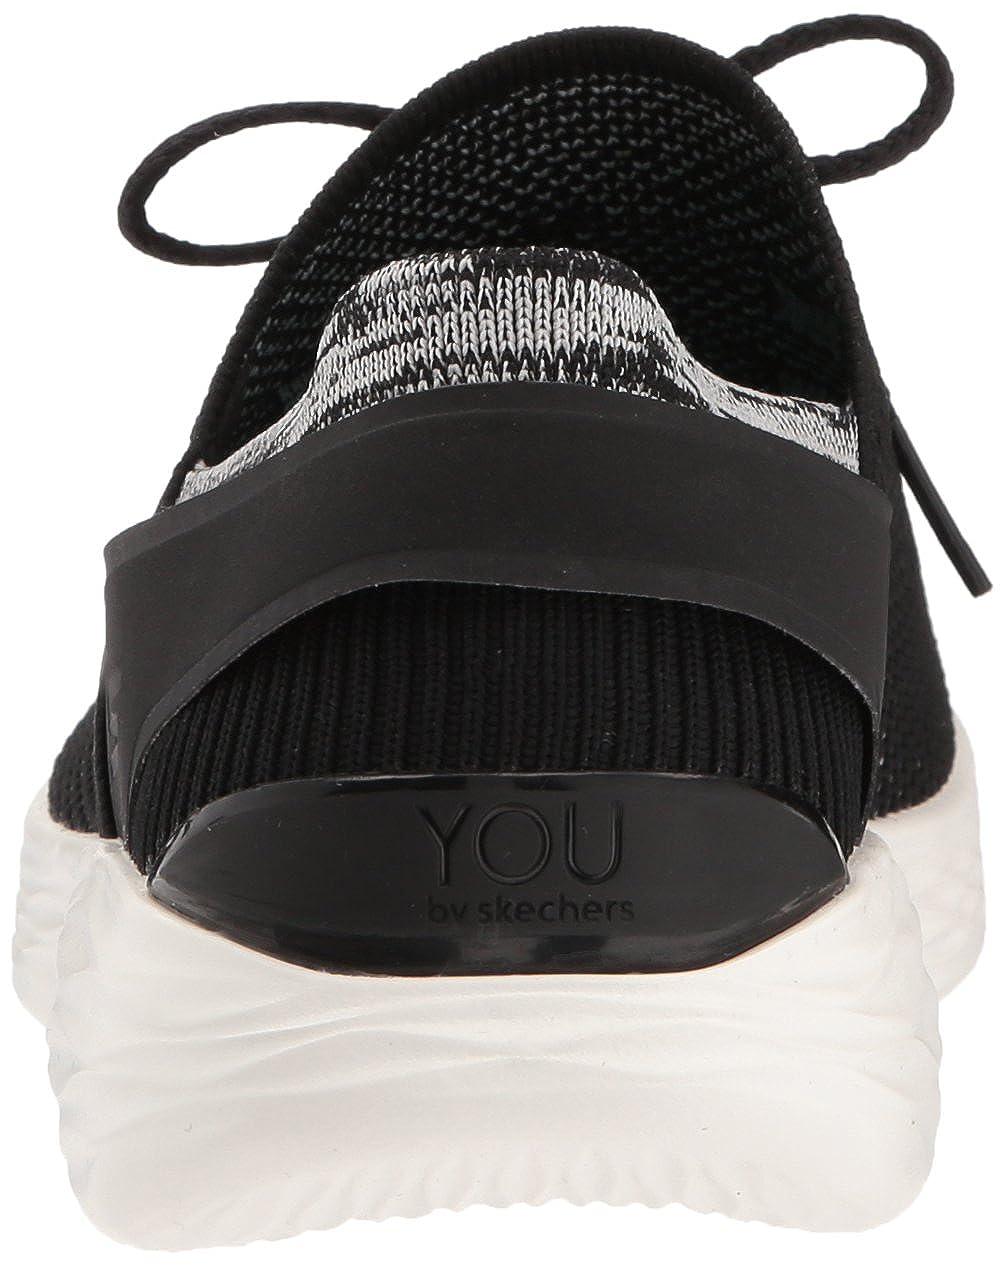 Skechers Damen You - Spirit Slip On Sneaker Schwarz (Black/White)